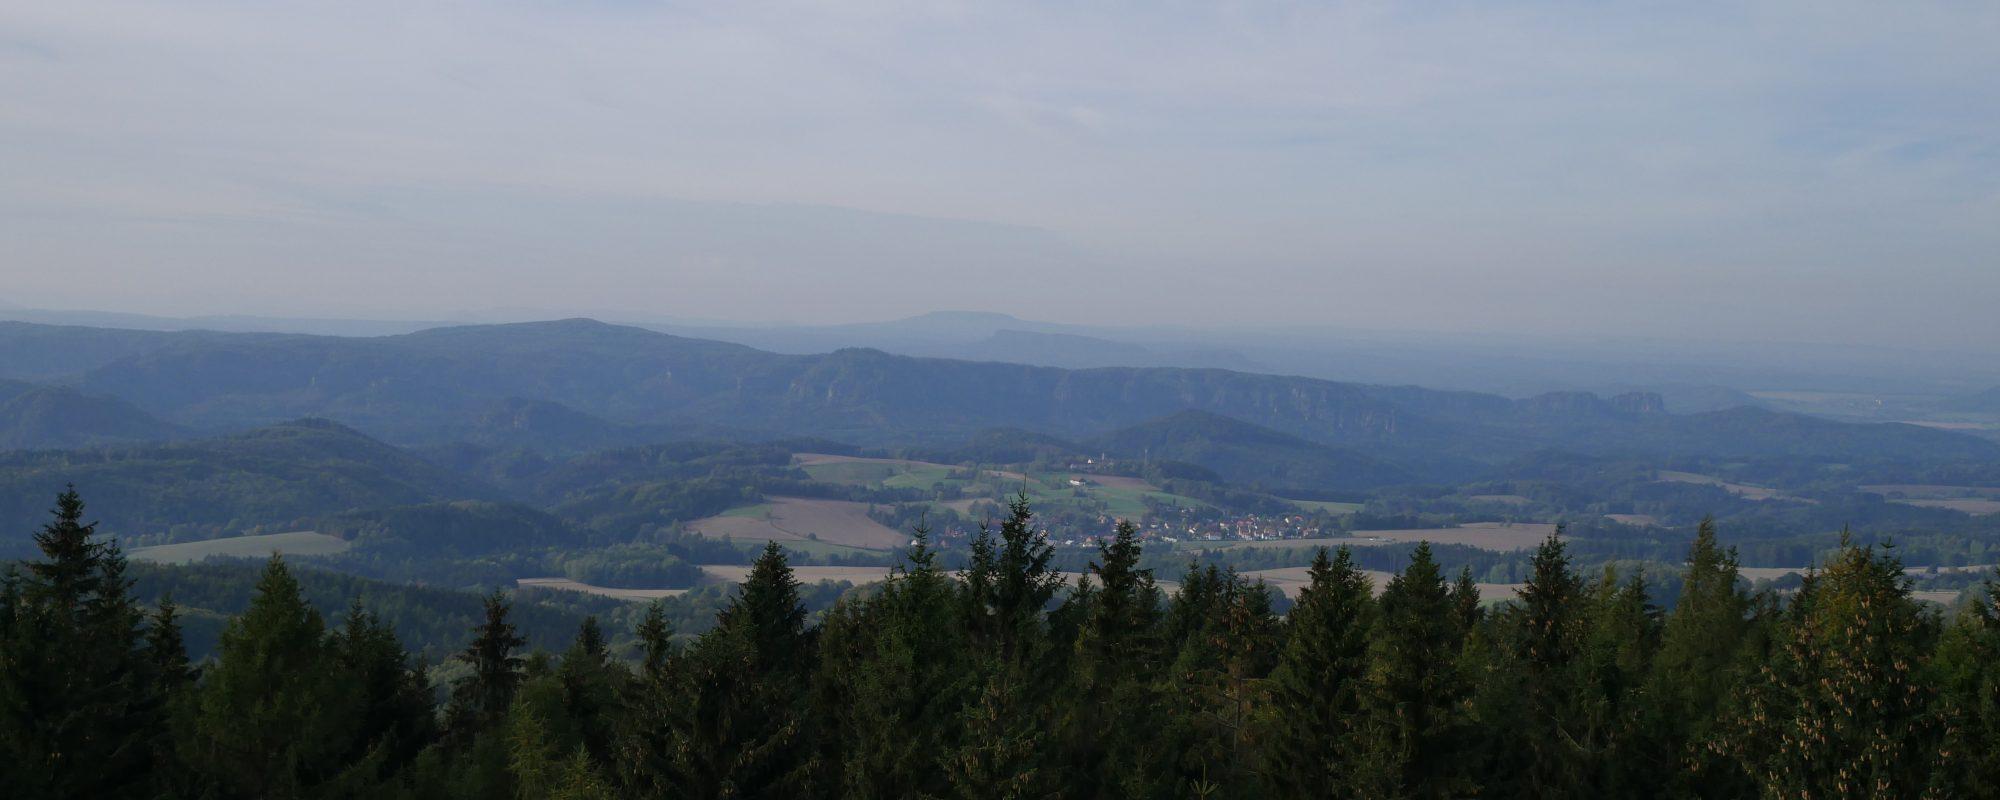 Bismarkturm, Tanzplan bei Mikulášovice by Birgit Strauch